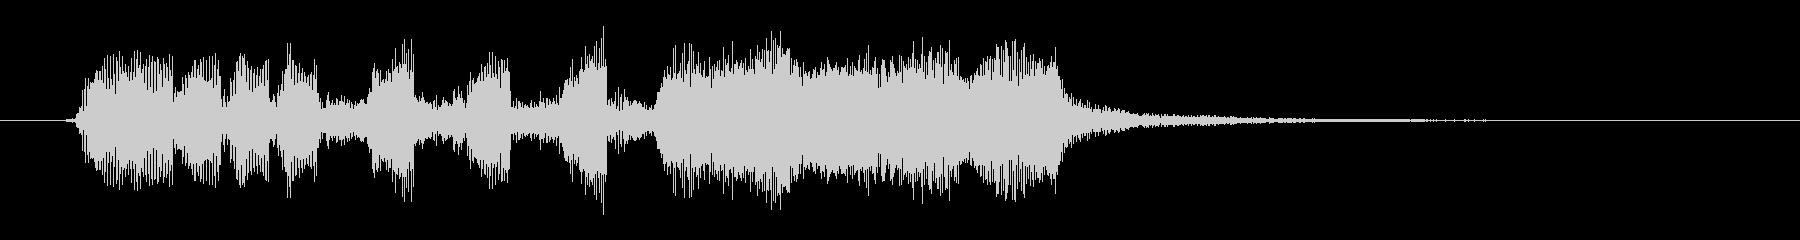 3秒のファンファーレですの未再生の波形